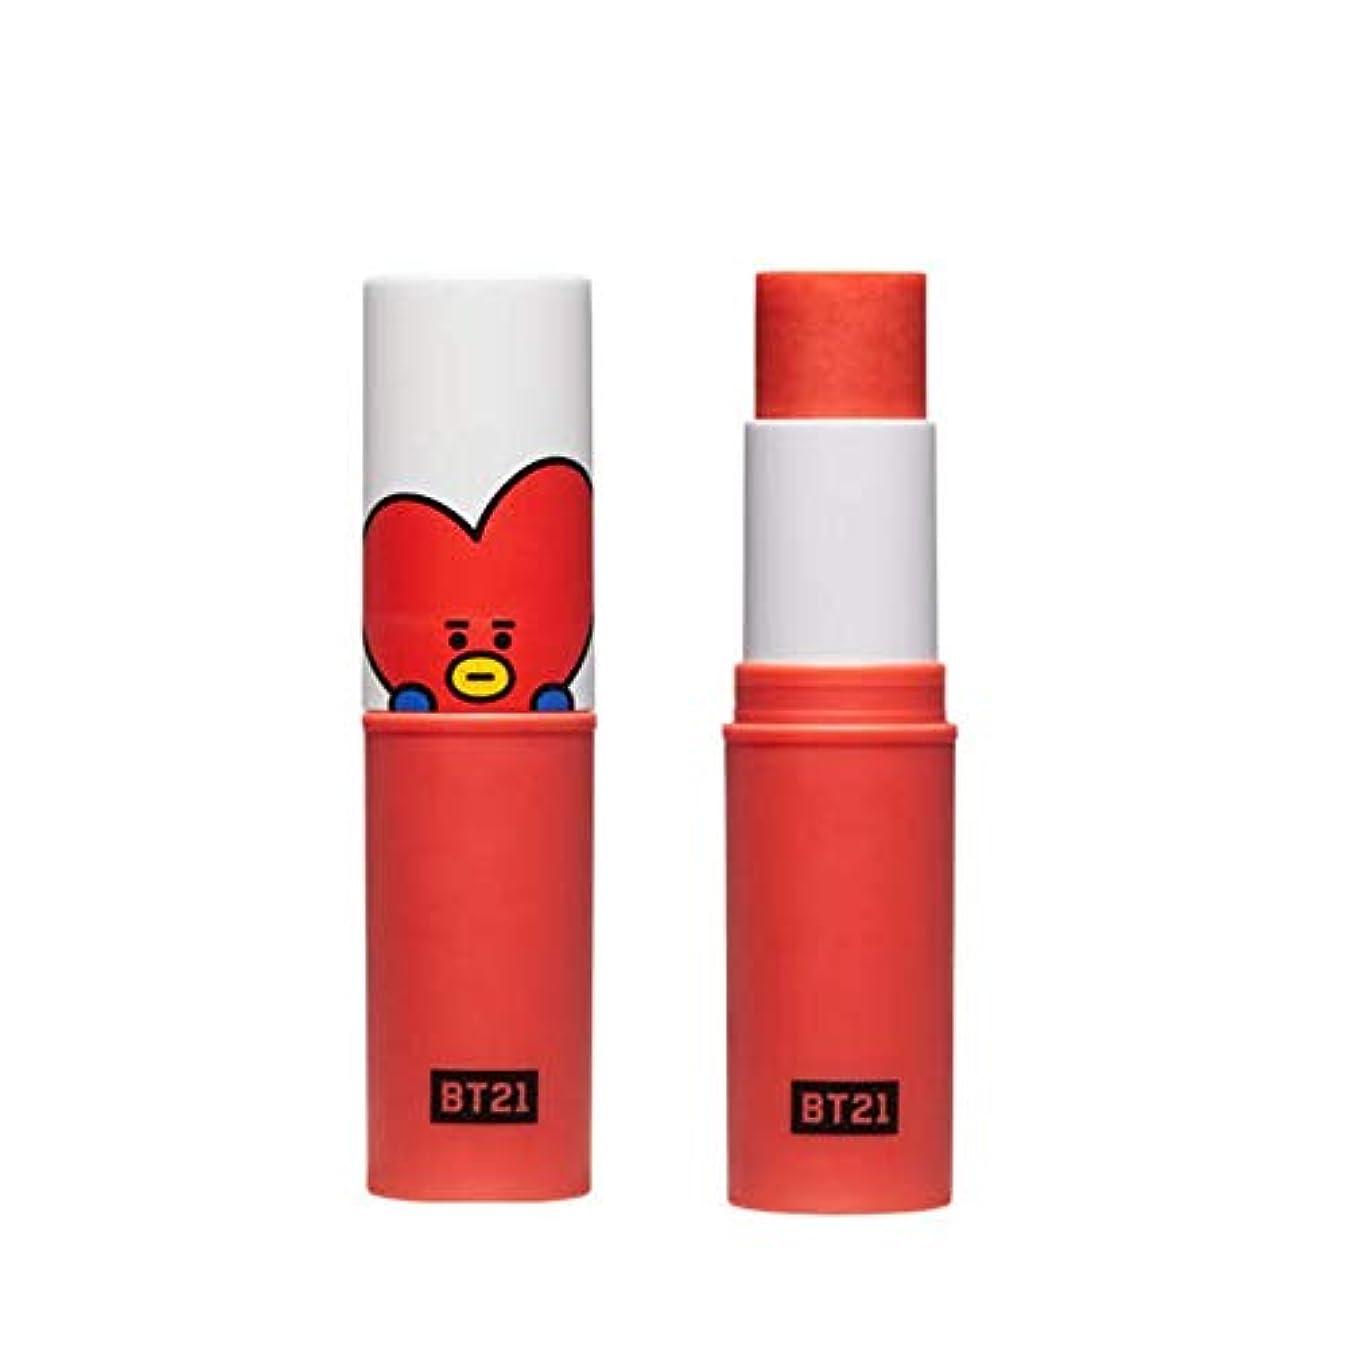 申請中マイコン学期BT21 × VT Cosmetic フィット オン スティック #アンダーカバー / FIT ON STICK #UNDER COVER